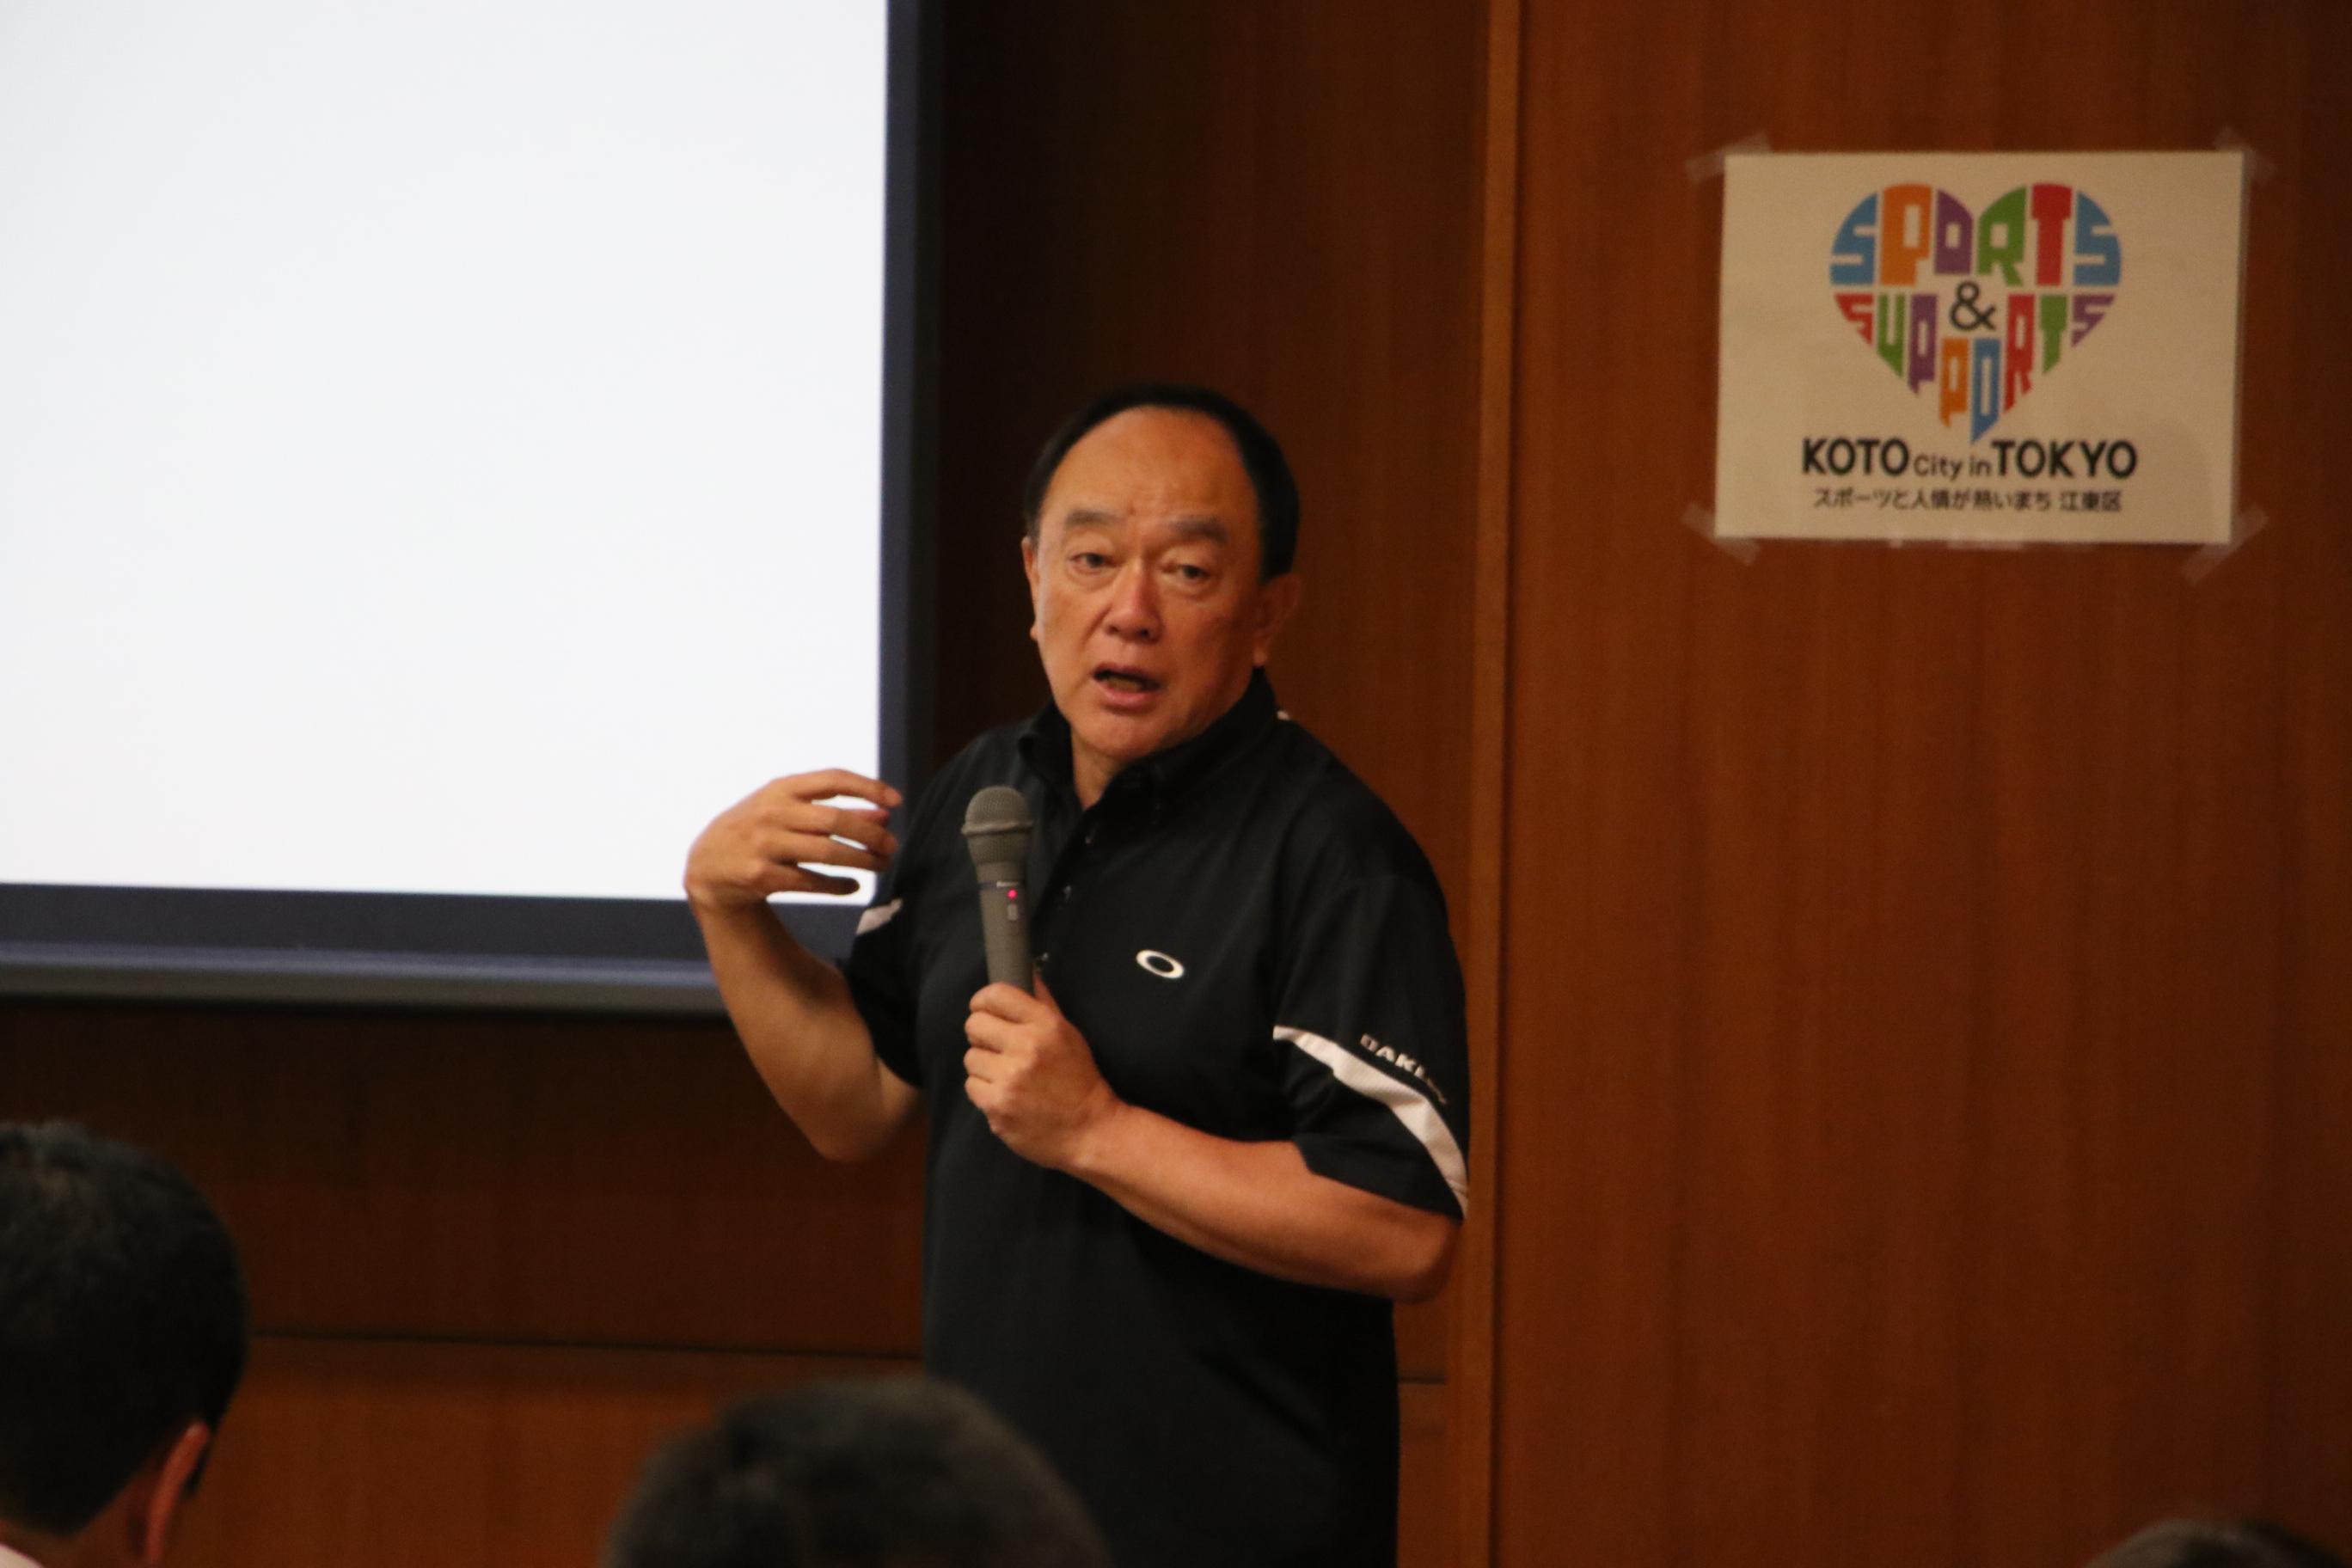 国際コーチ連盟プロフェッショナルコーチ資格を持つ清水隆一さんが講演を行っている所